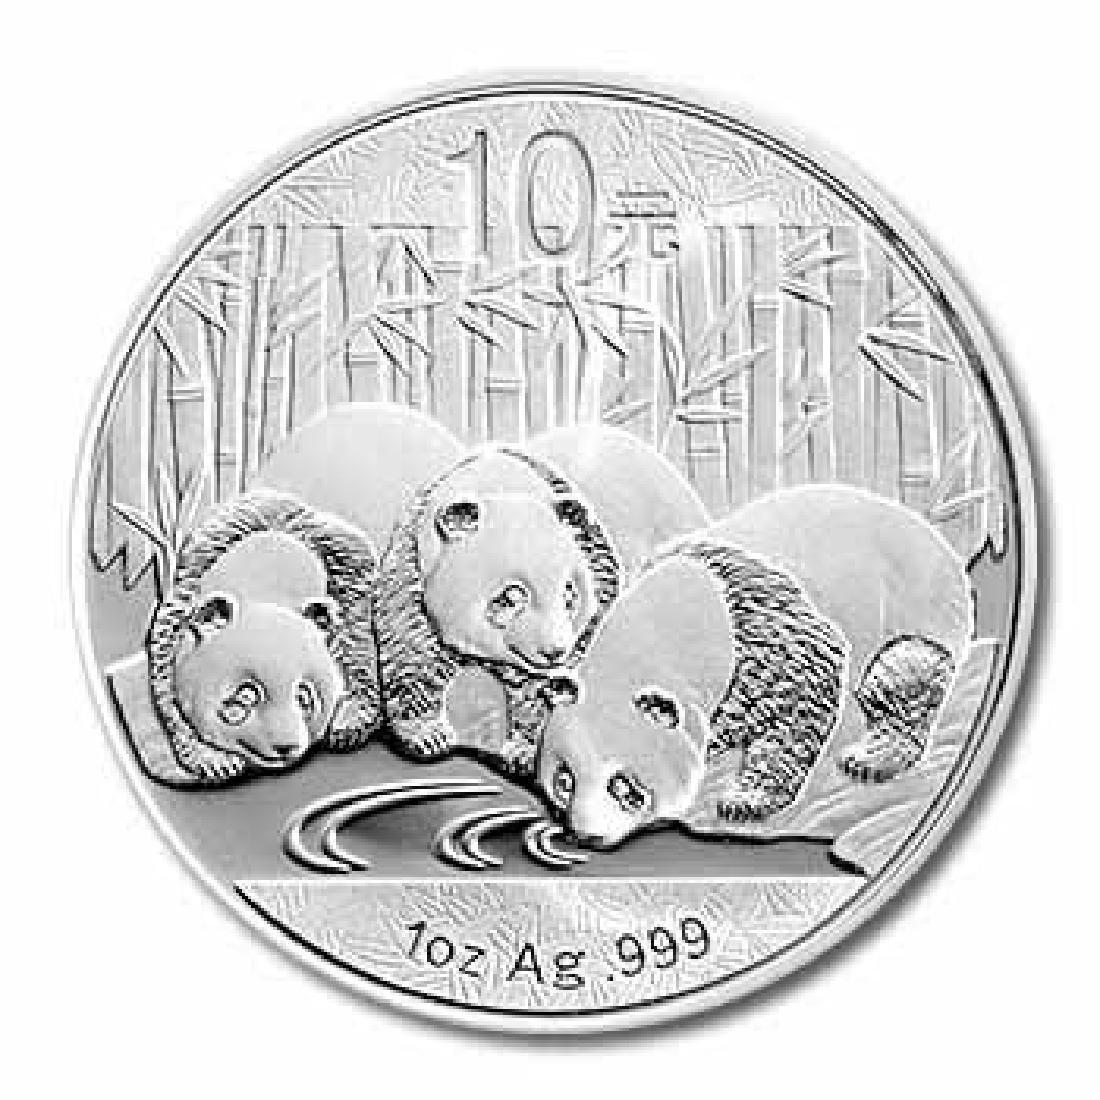 2013 Chinese Silver Panda 1 oz